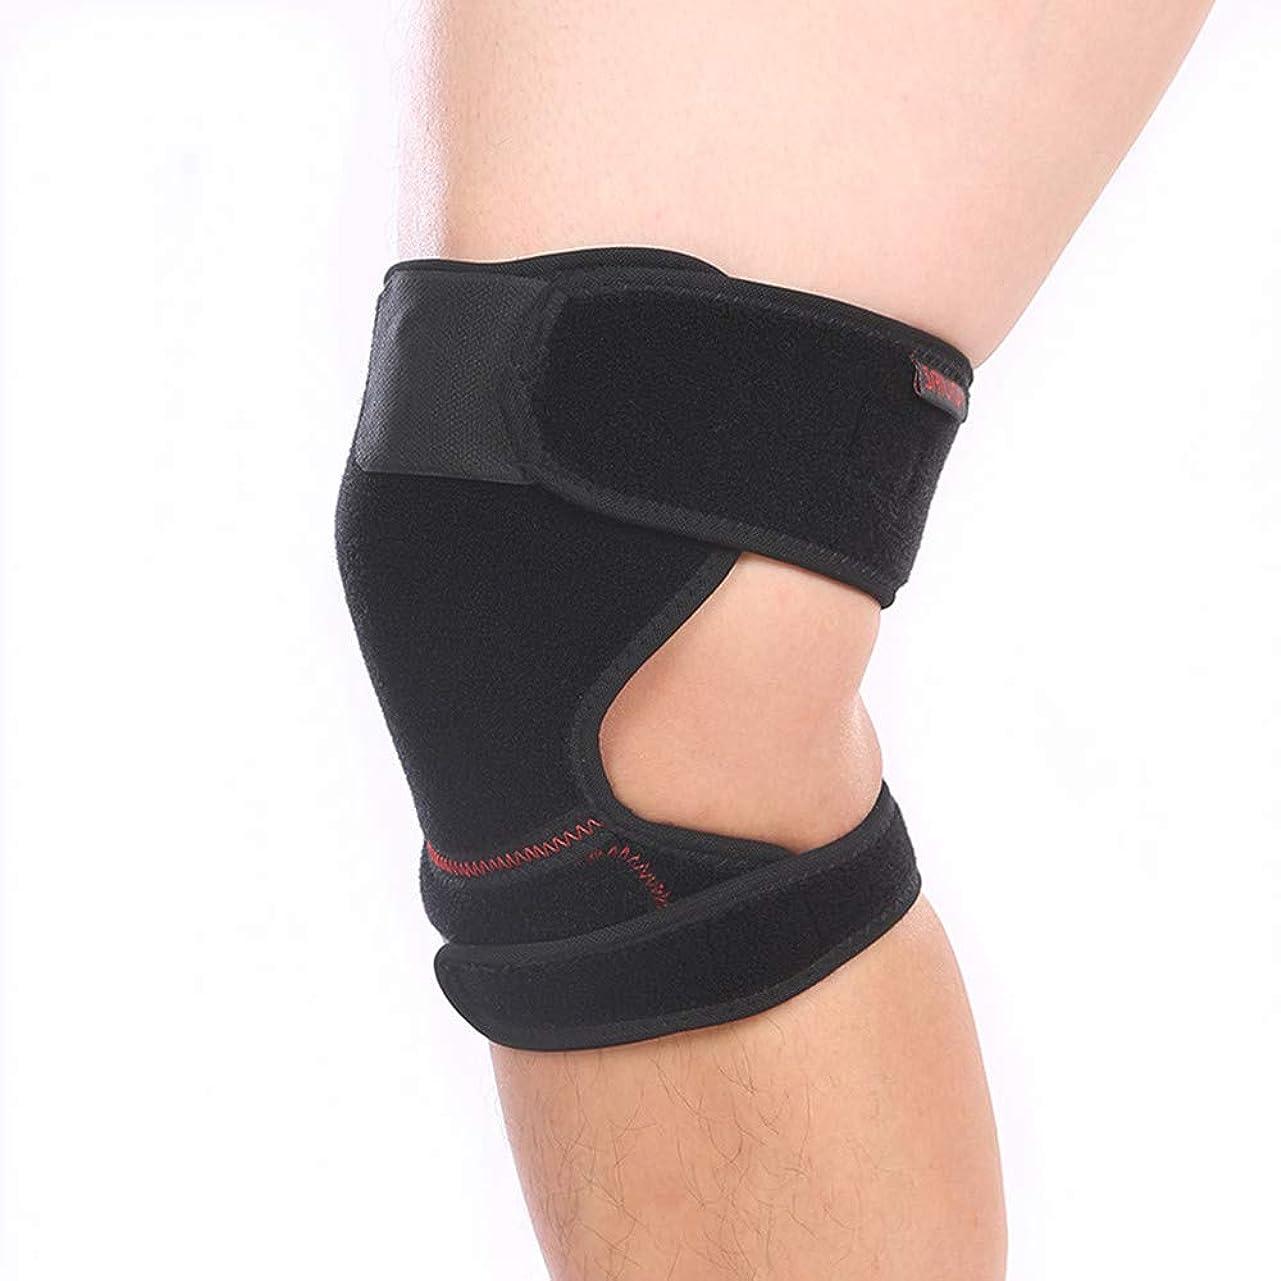 自然絶望宴会TLMYDD スポーツ保護具脛骨脛ガードランニングハイキング通気性バスケットボール膝パッドフィットネスレギンス 膝パッド